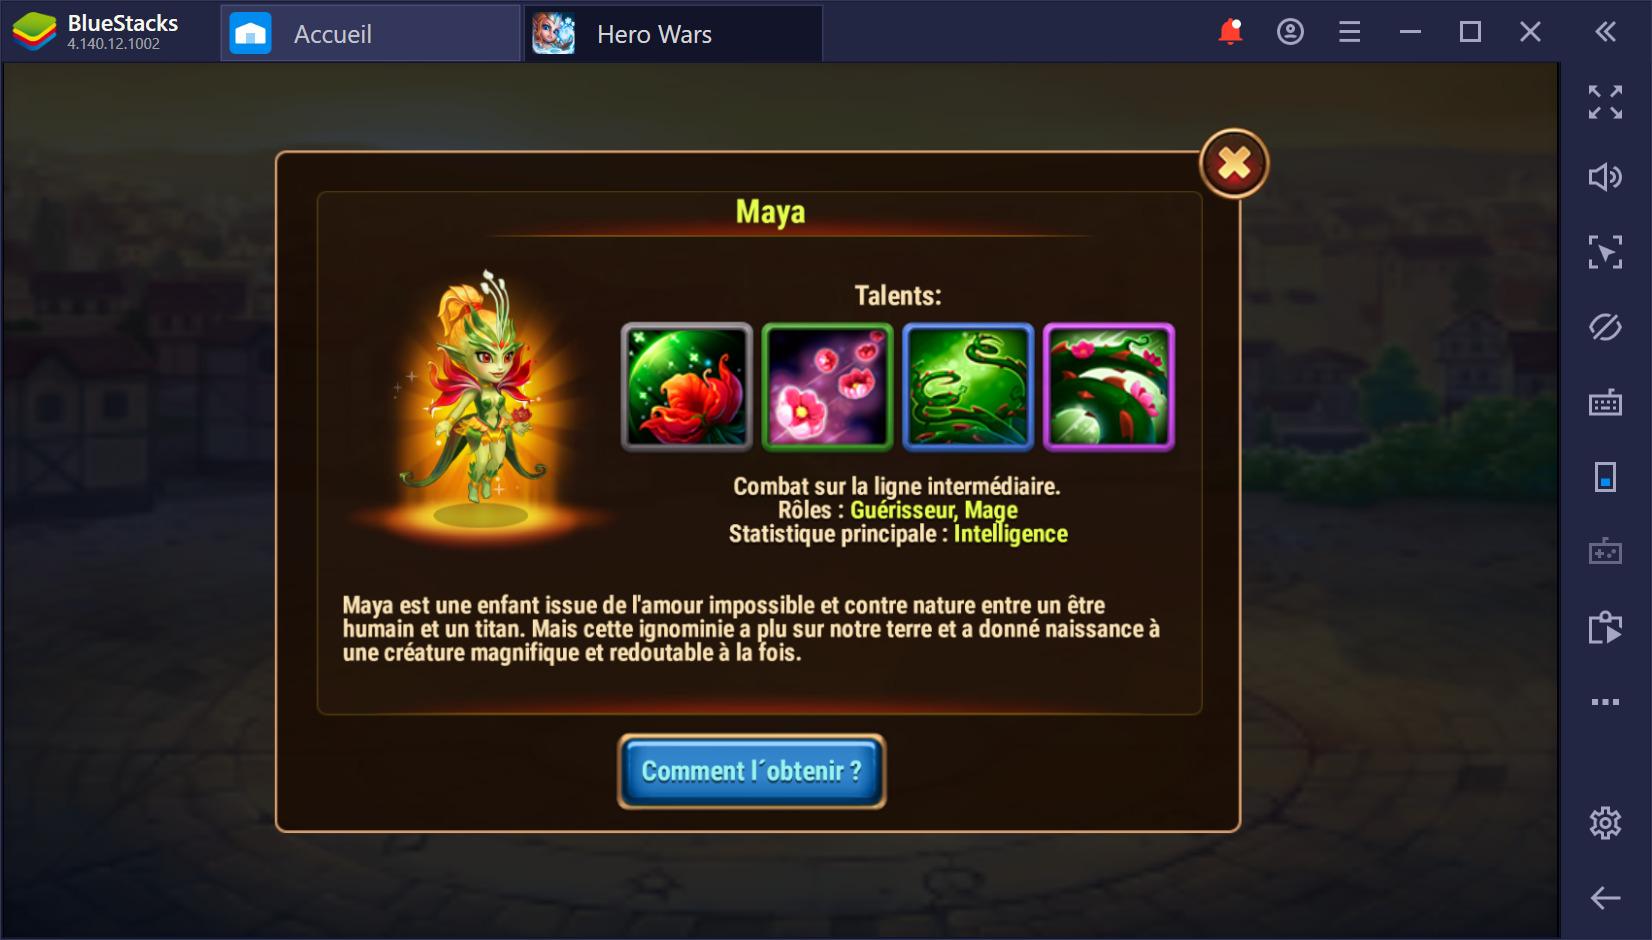 Sélectionnez les meilleurs héros et utilisez tout leur potentiel dans Hero War sur PC